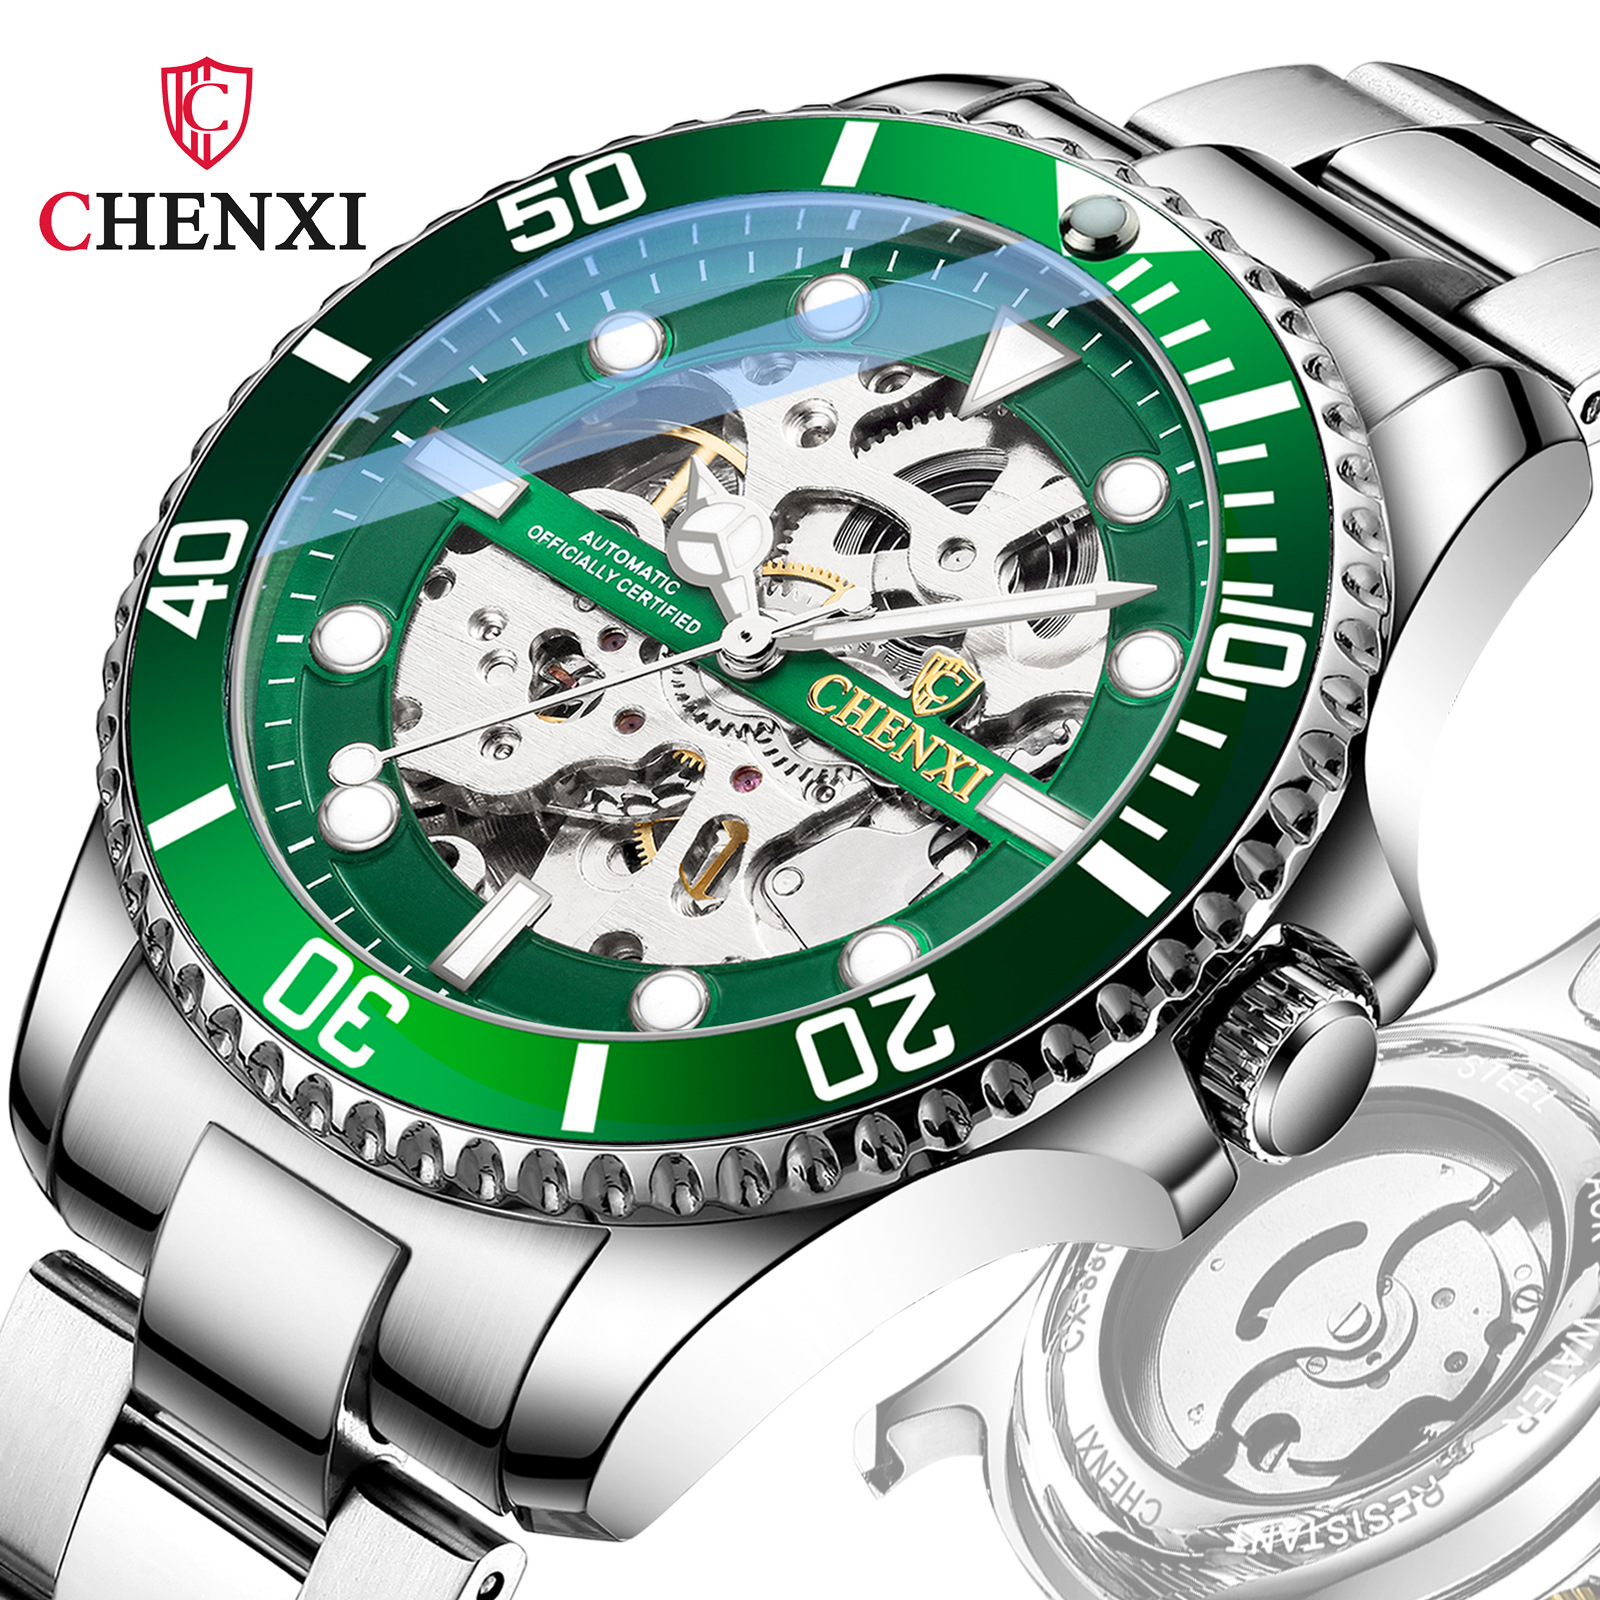 晨曦品牌水鬼流行镂空自动 跨境时尚防水男士手表机械表国产腕表